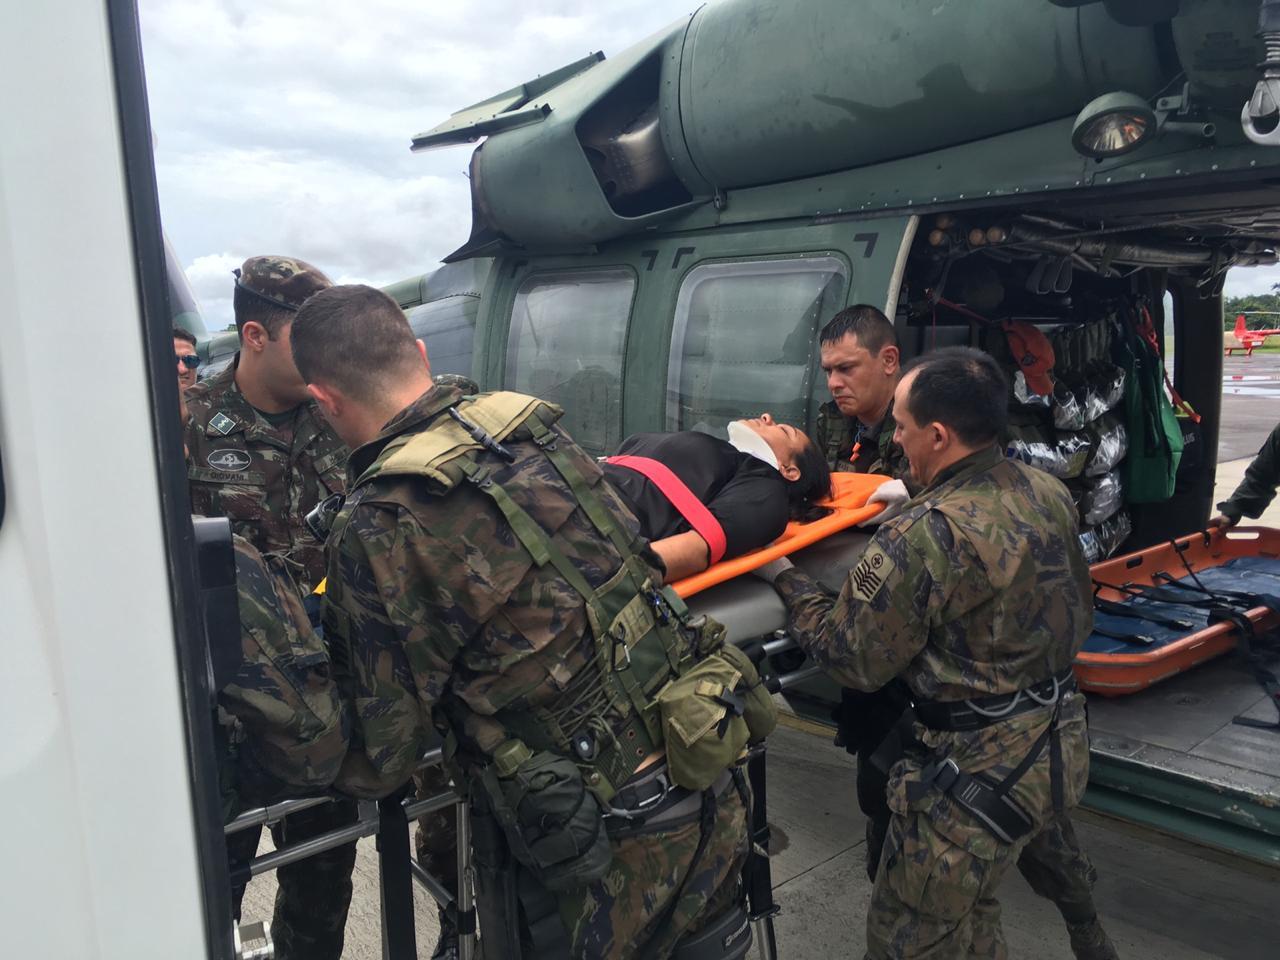 Acidente aconteceu na segunda (17) e resgate foi realizado na manhã de terça-feira (18)